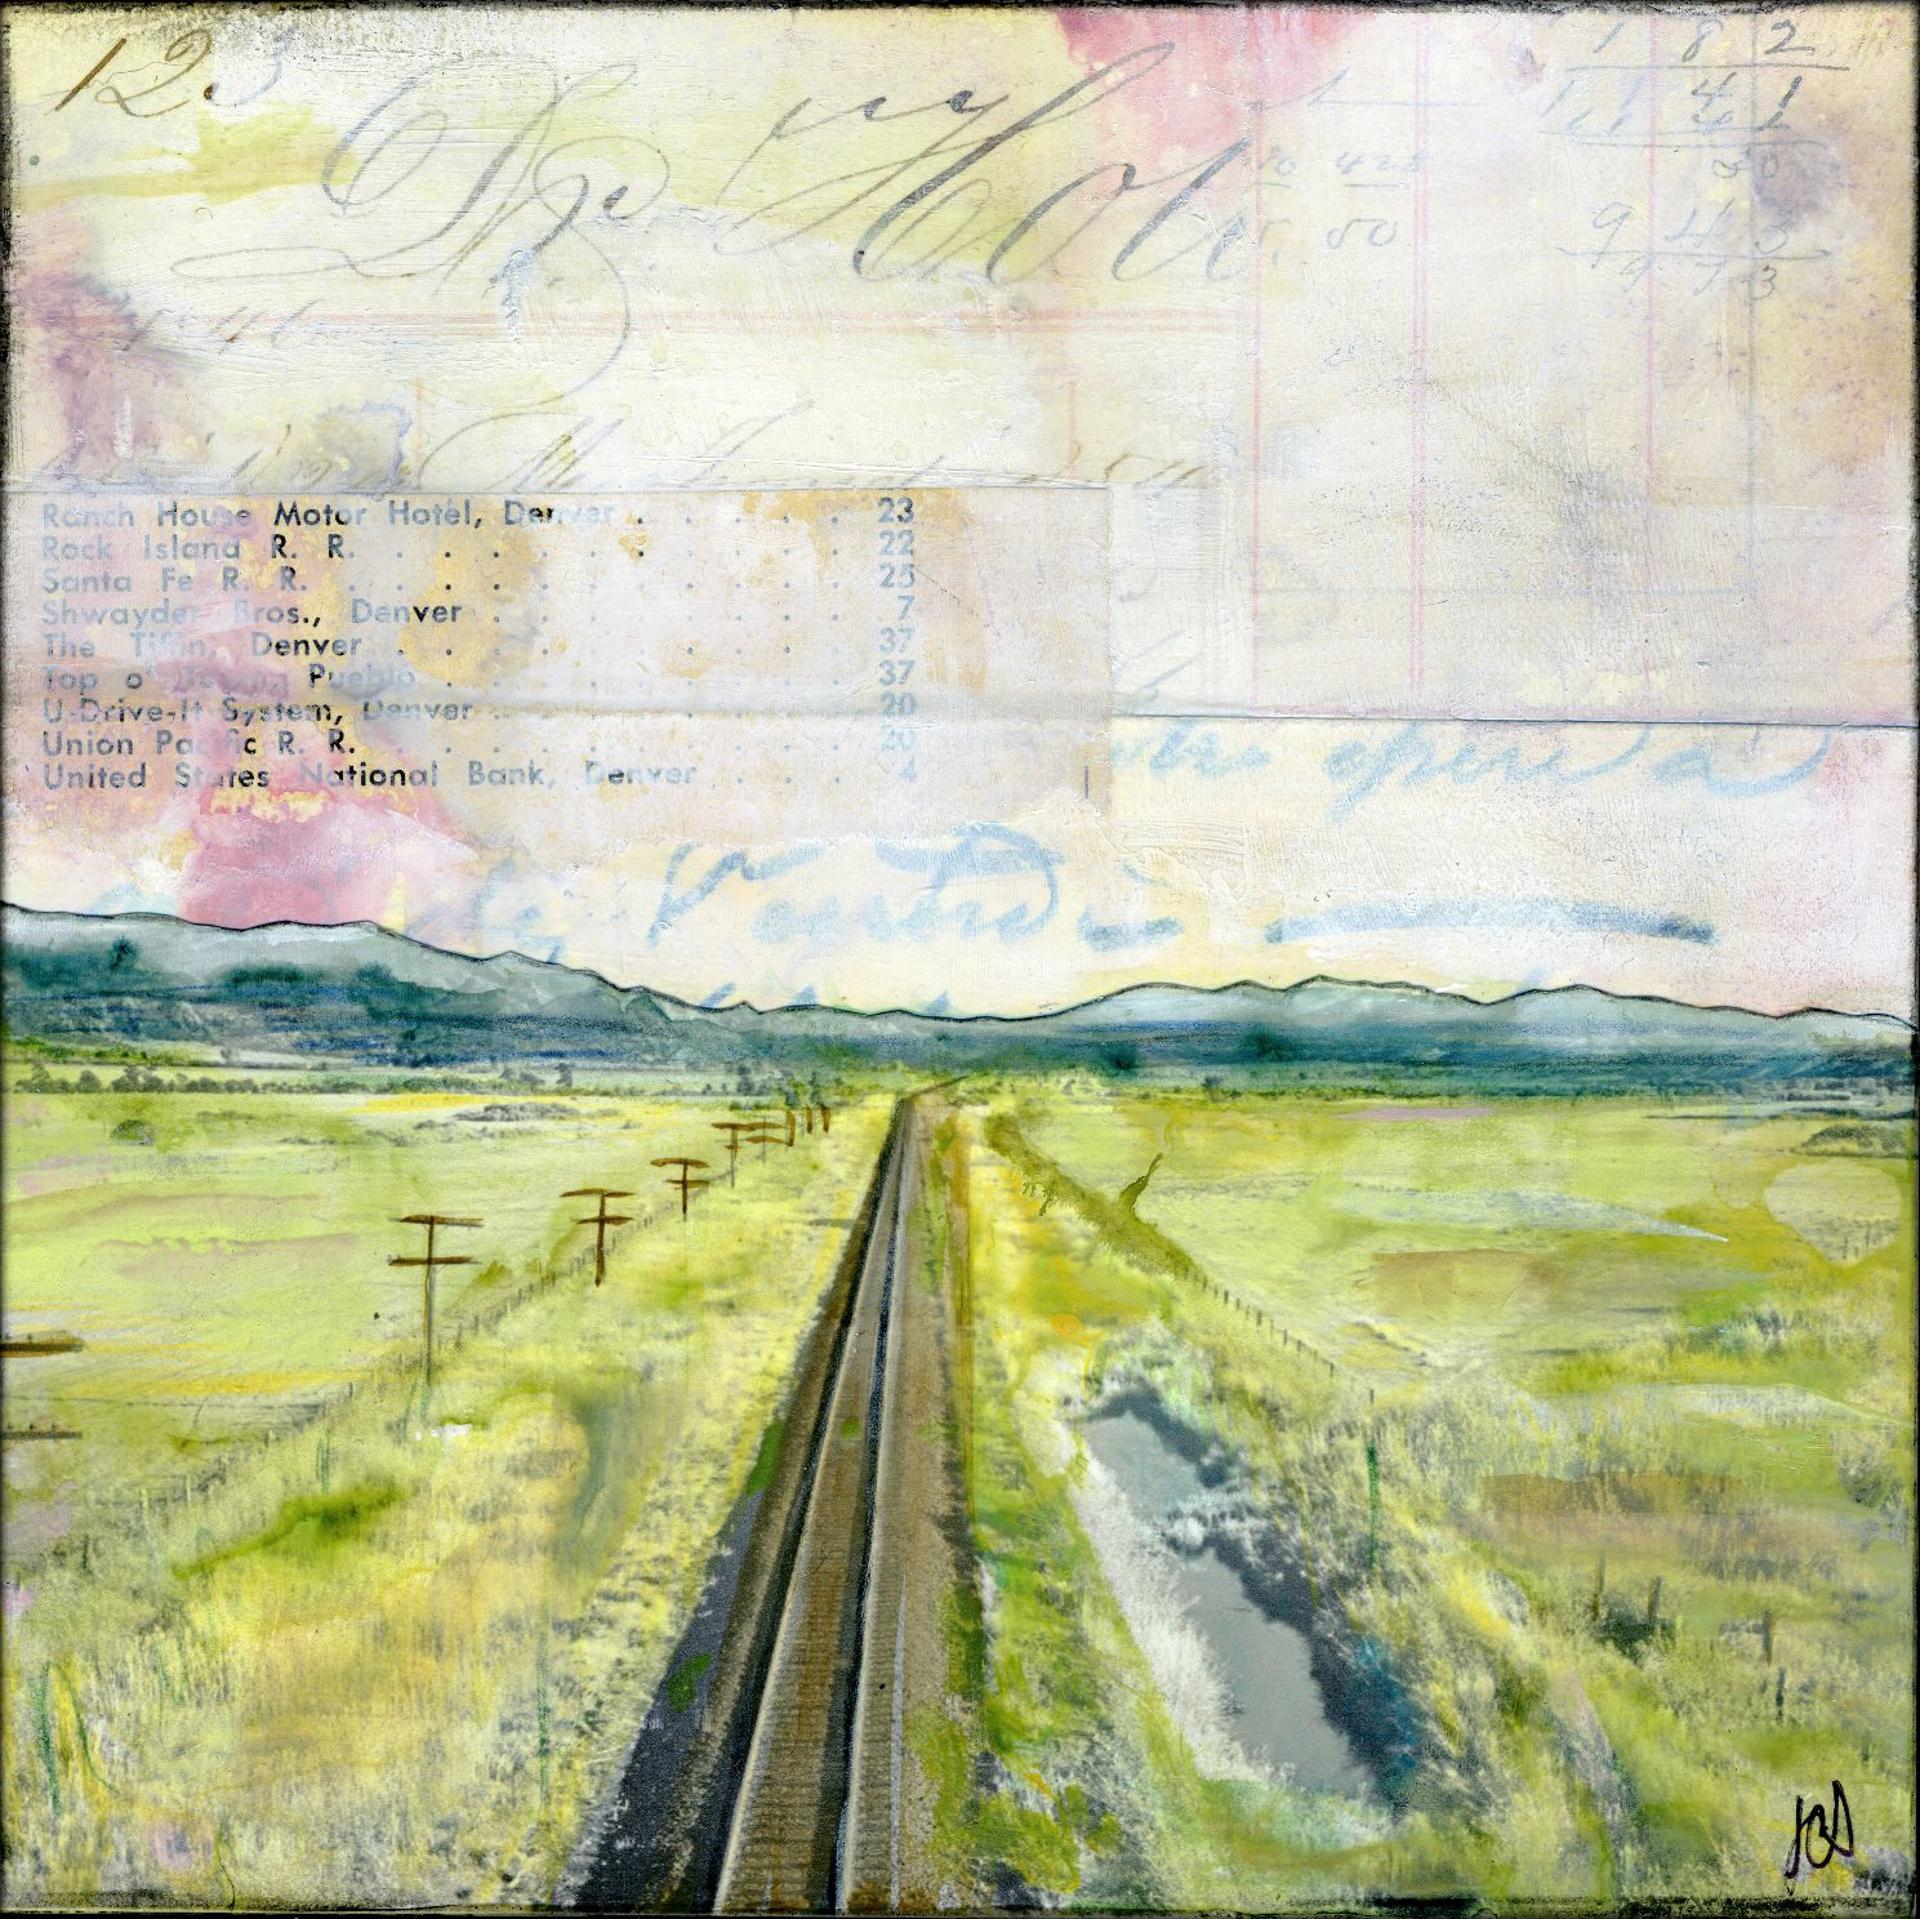 Vista Rail by JC Spock